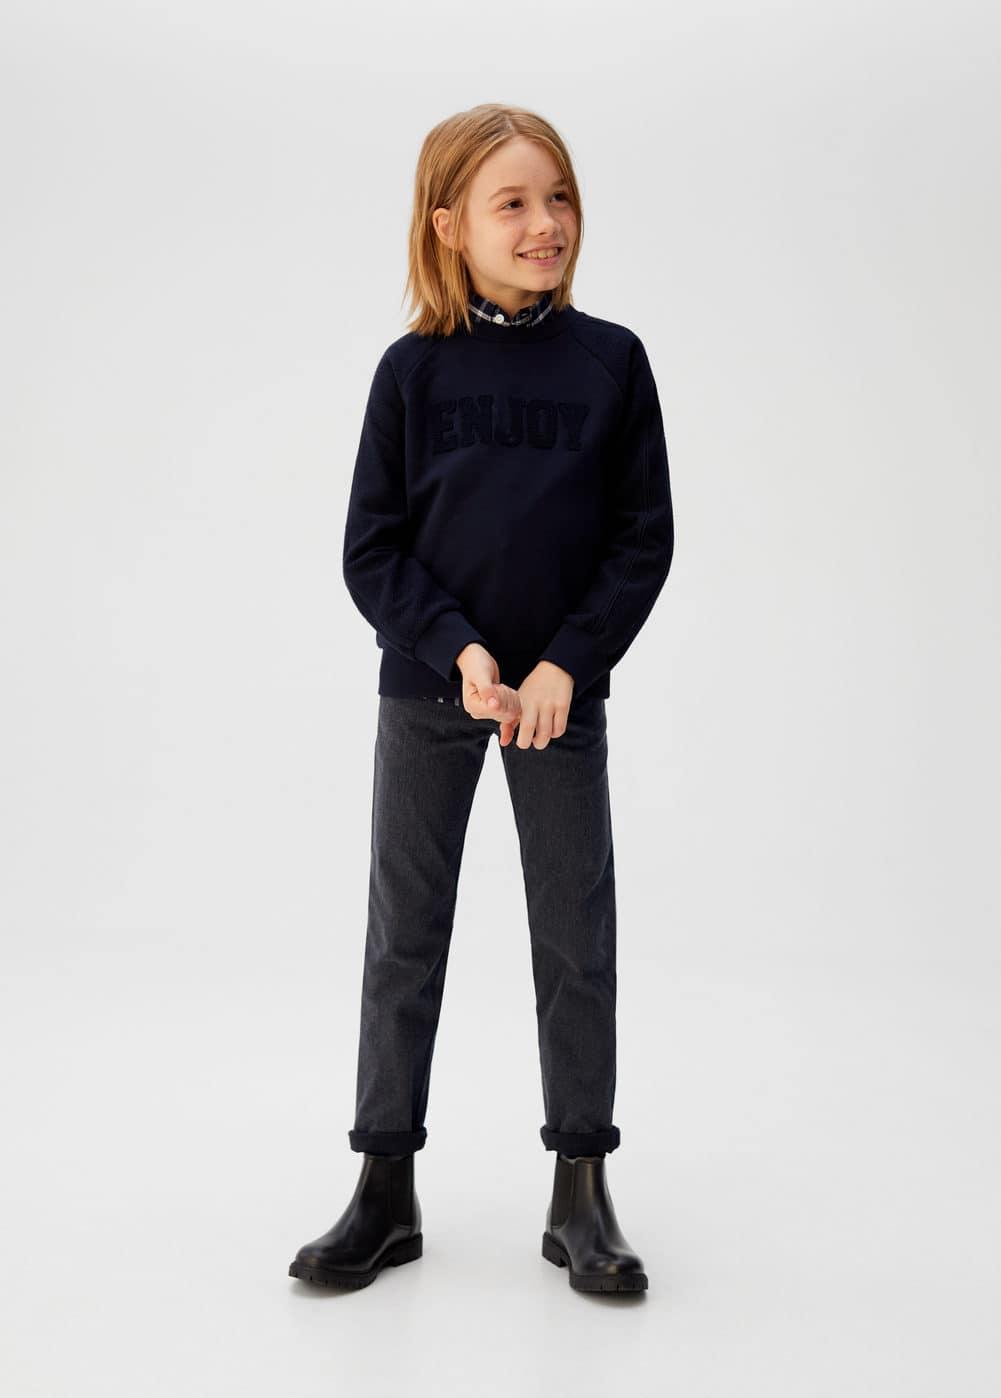 o-fiti:pantalon jaspeado bajo vuelta